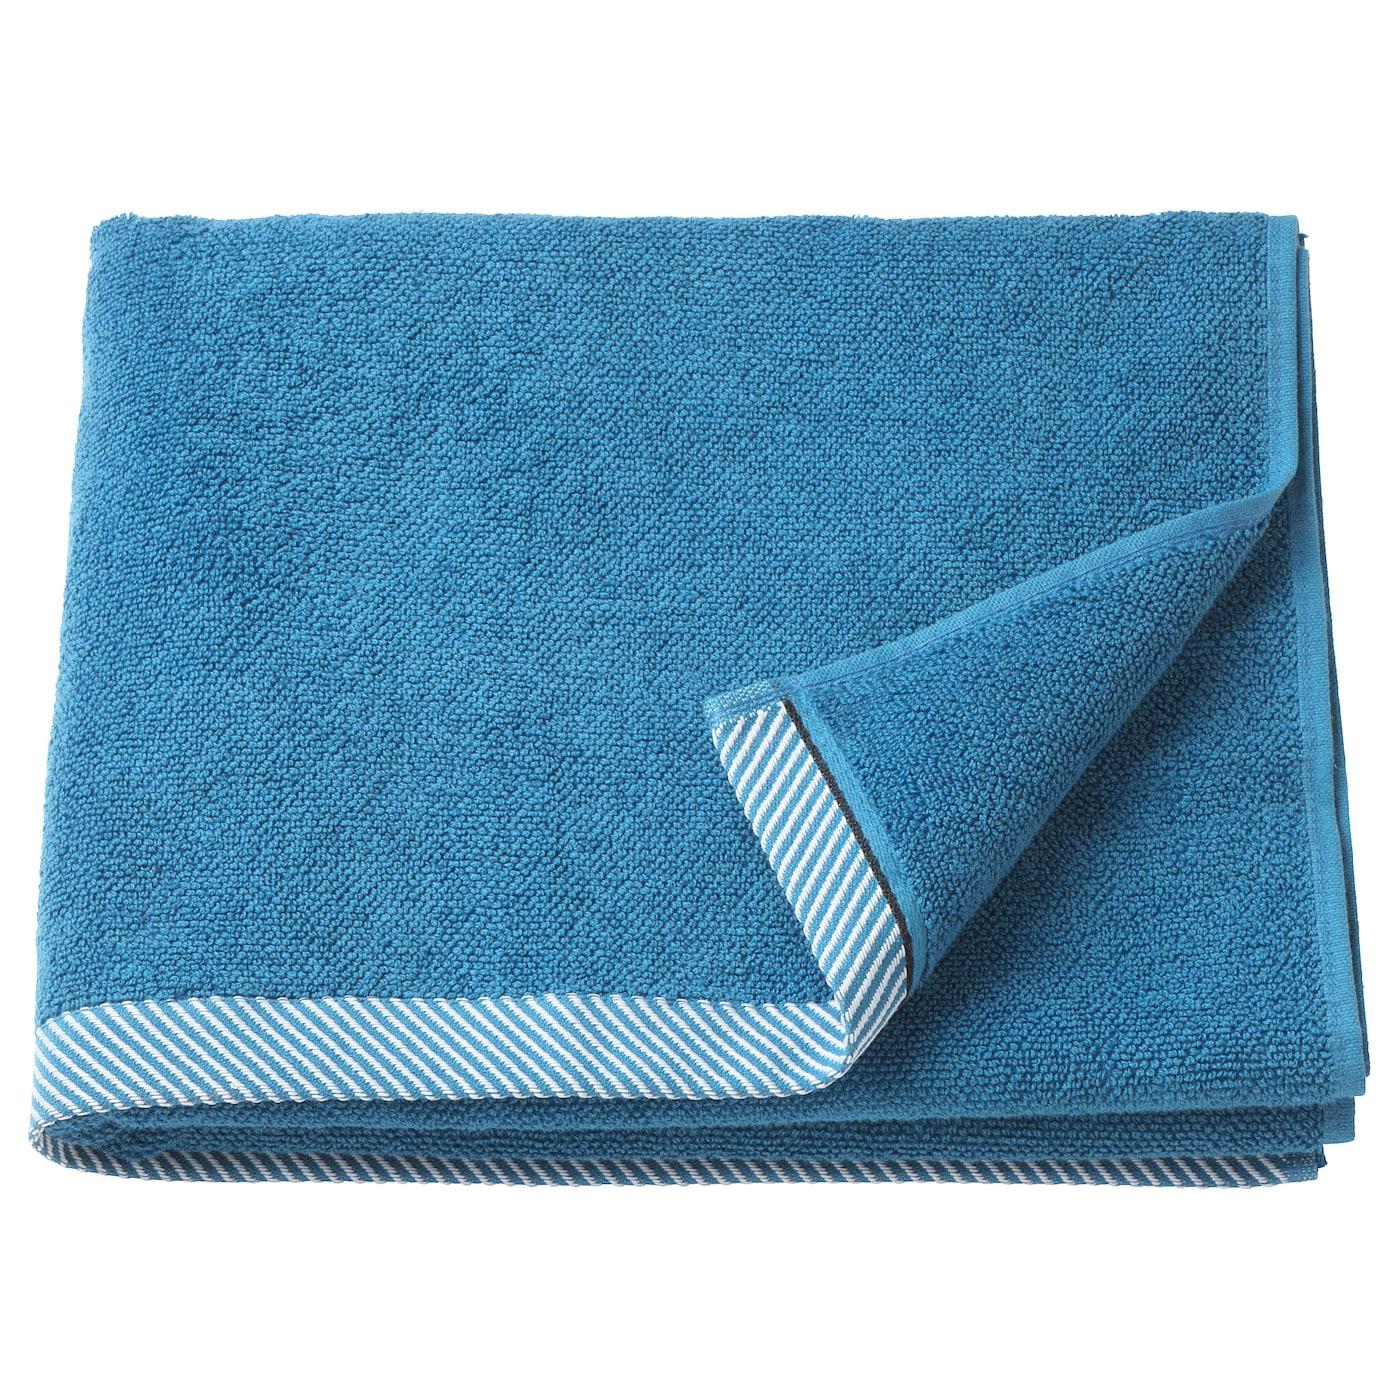 a20b98adf371 IKEA VIKFJÄRD bath towel. Zoom In